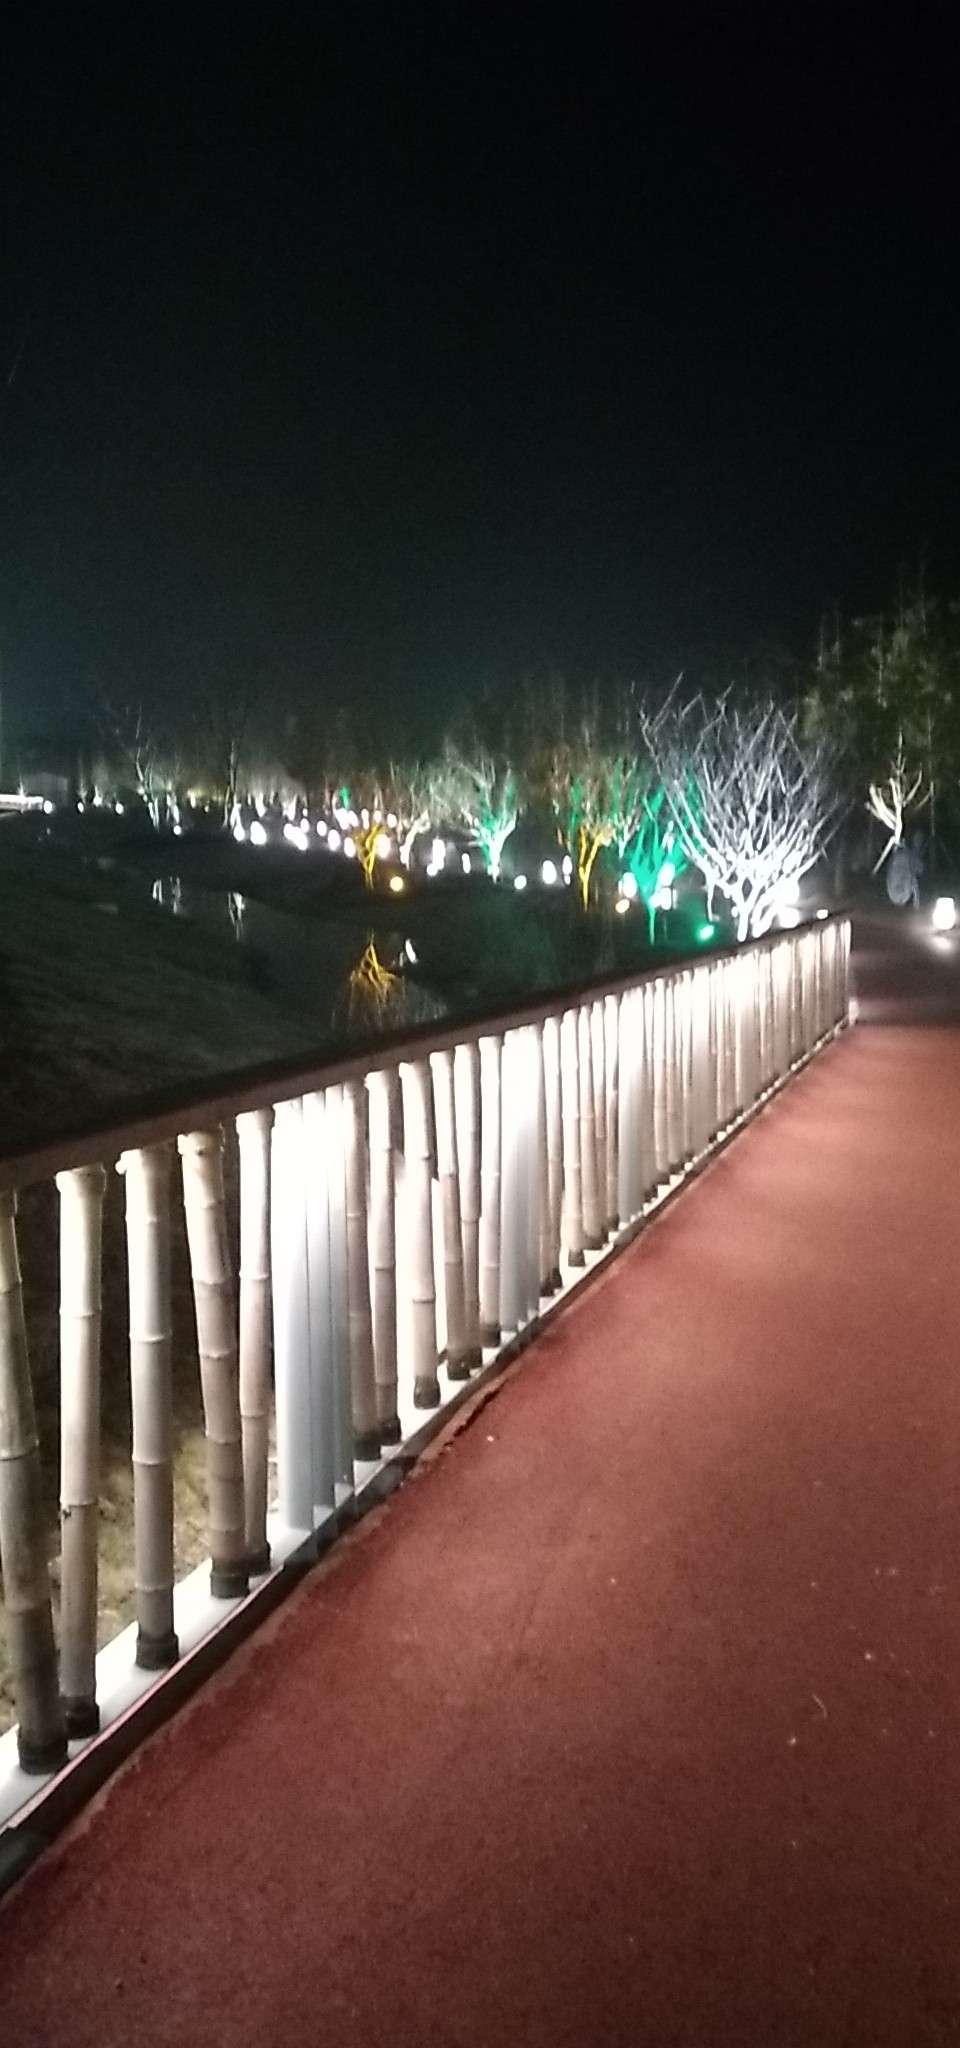 望亭太湖景区跑道